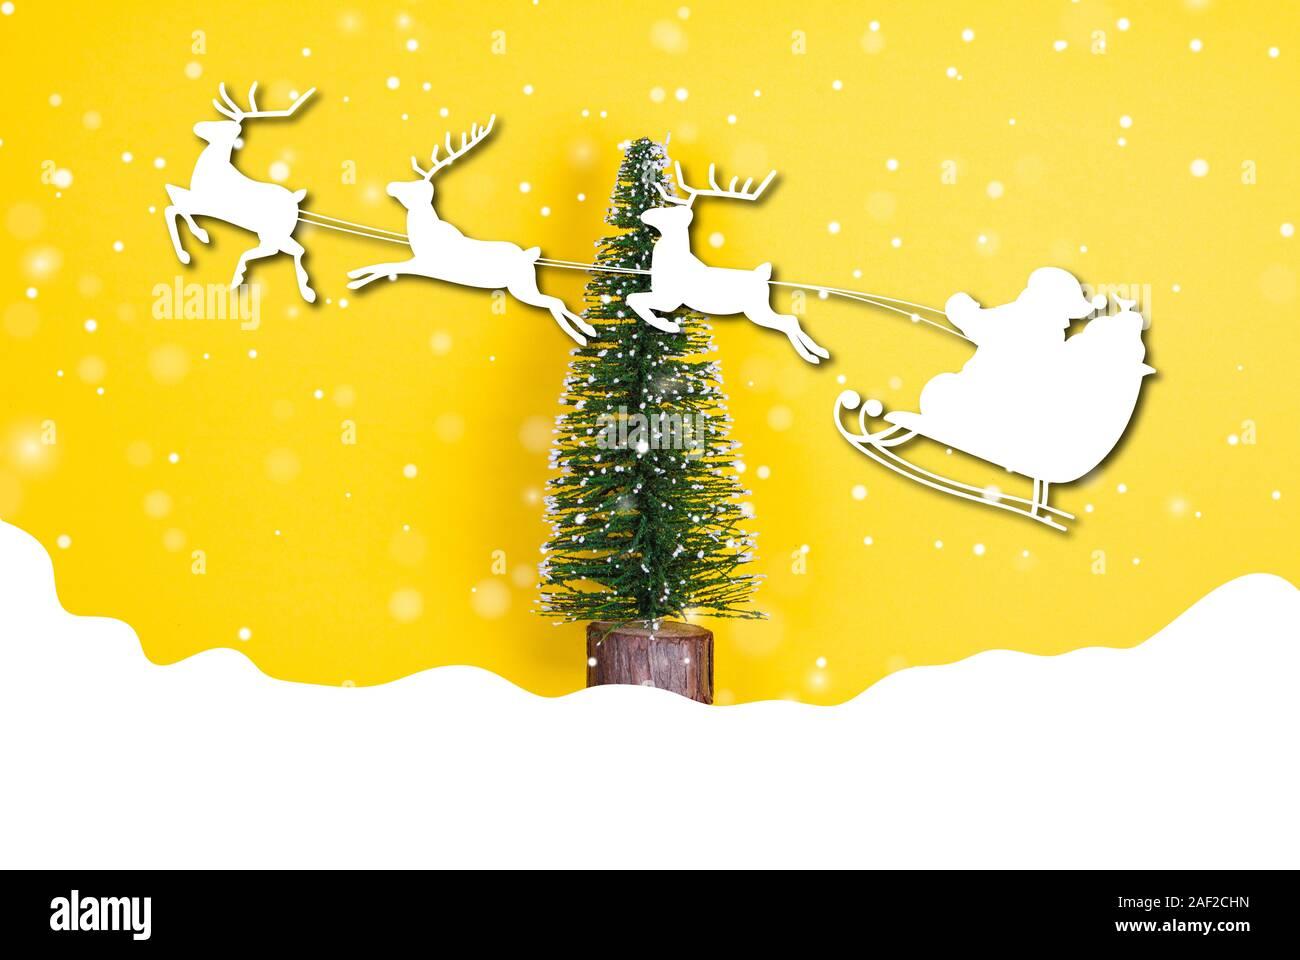 Foto Con La Neve Di Natale.Albero Di Natale Con La Neve E Santa Con Le Renne Graphics Foto Stock Alamy